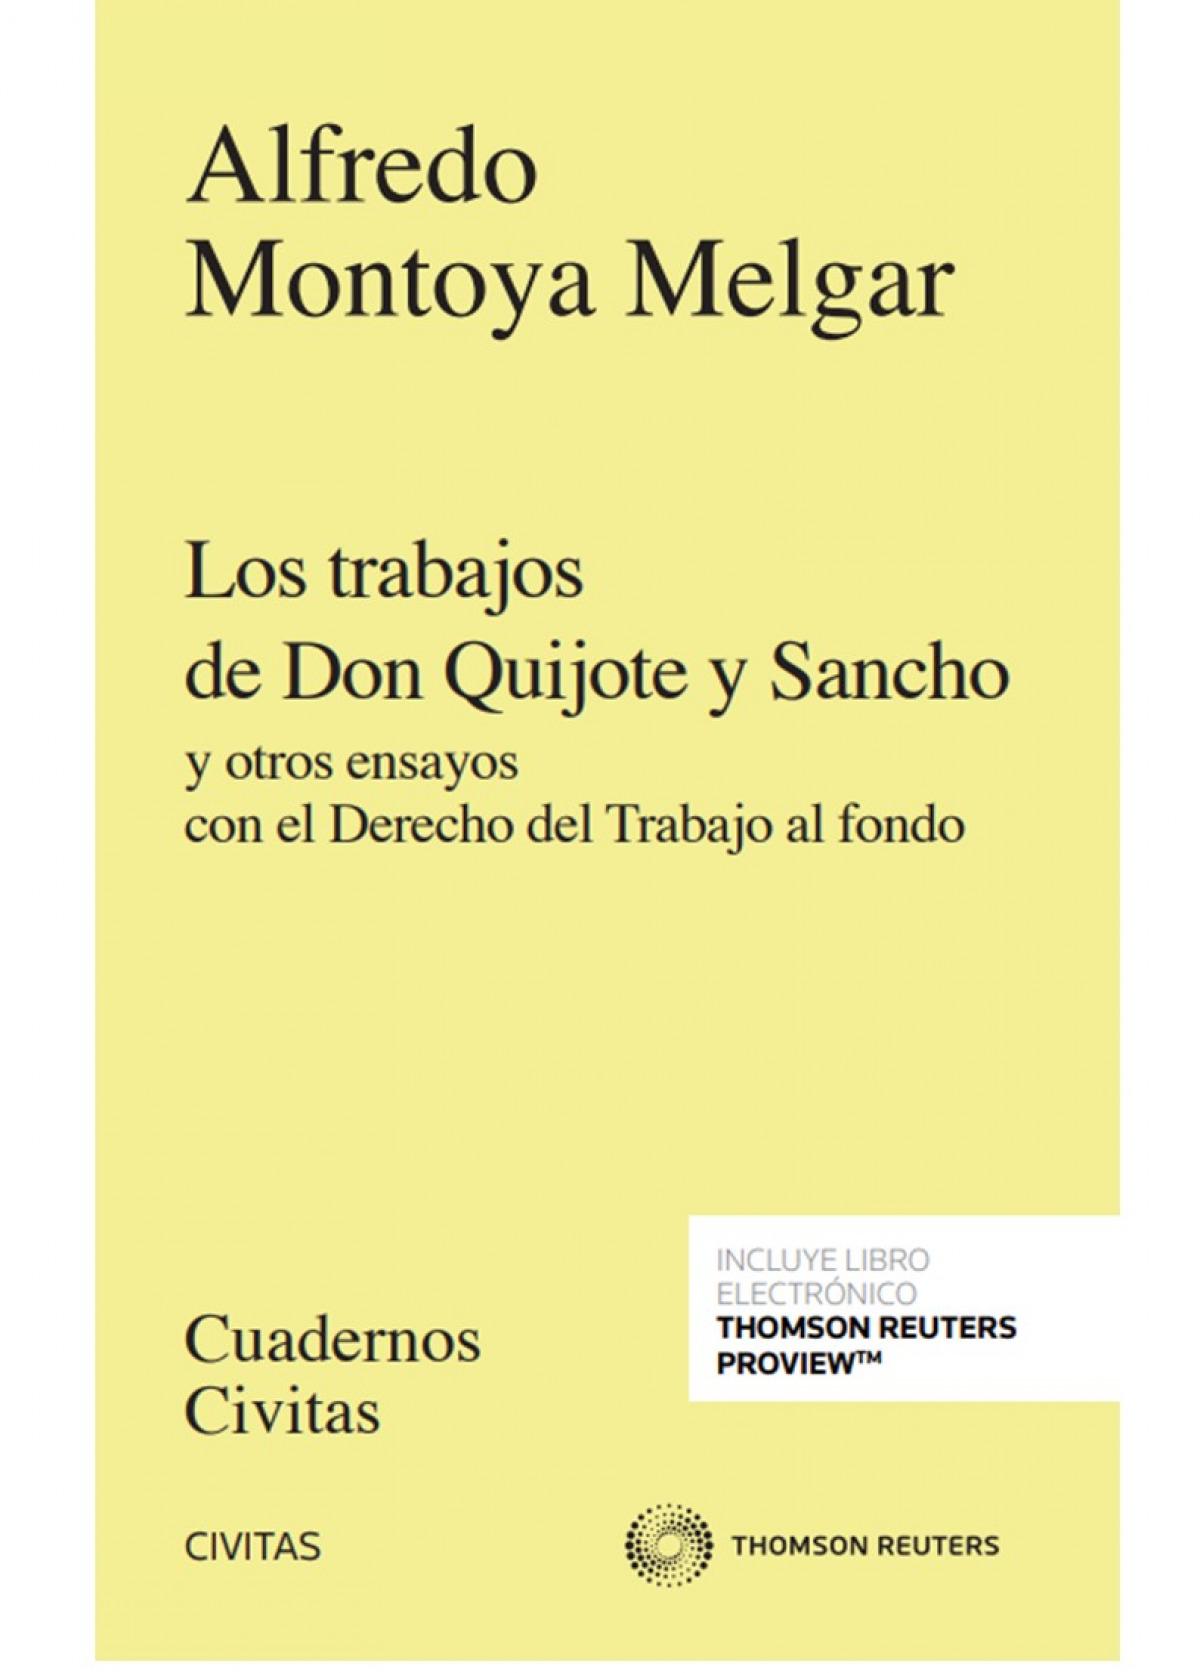 Los trabajos de Don Quijote y Sancho (Papel + e-book) 9788413461175